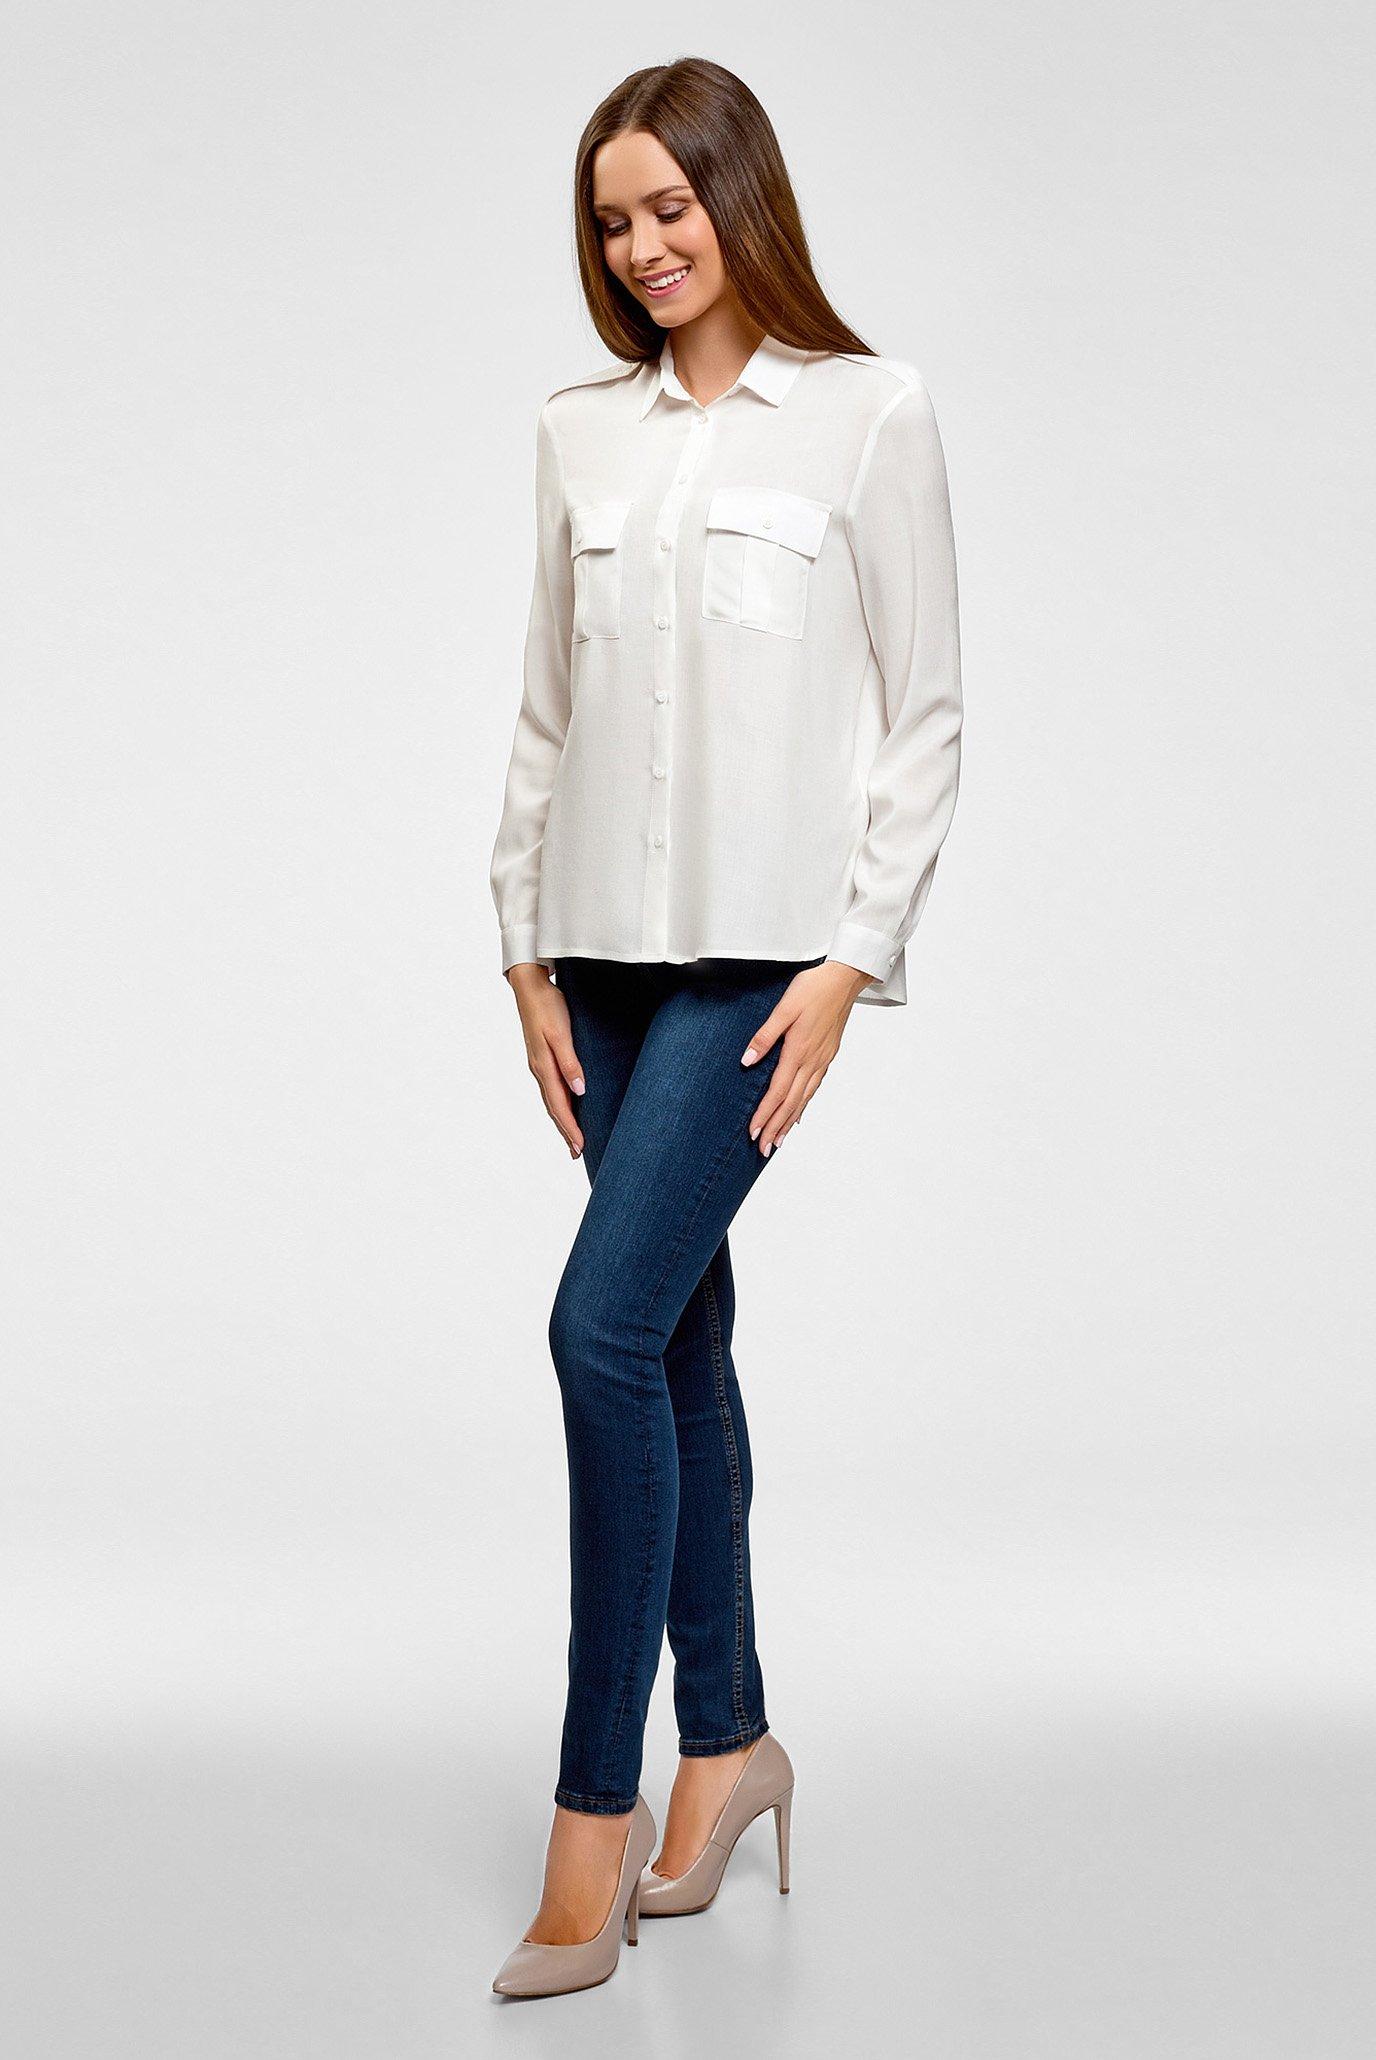 Купить Женская белая блуза Oodji Oodji 11411127B/26346/1200N – Киев, Украина. Цены в интернет магазине MD Fashion